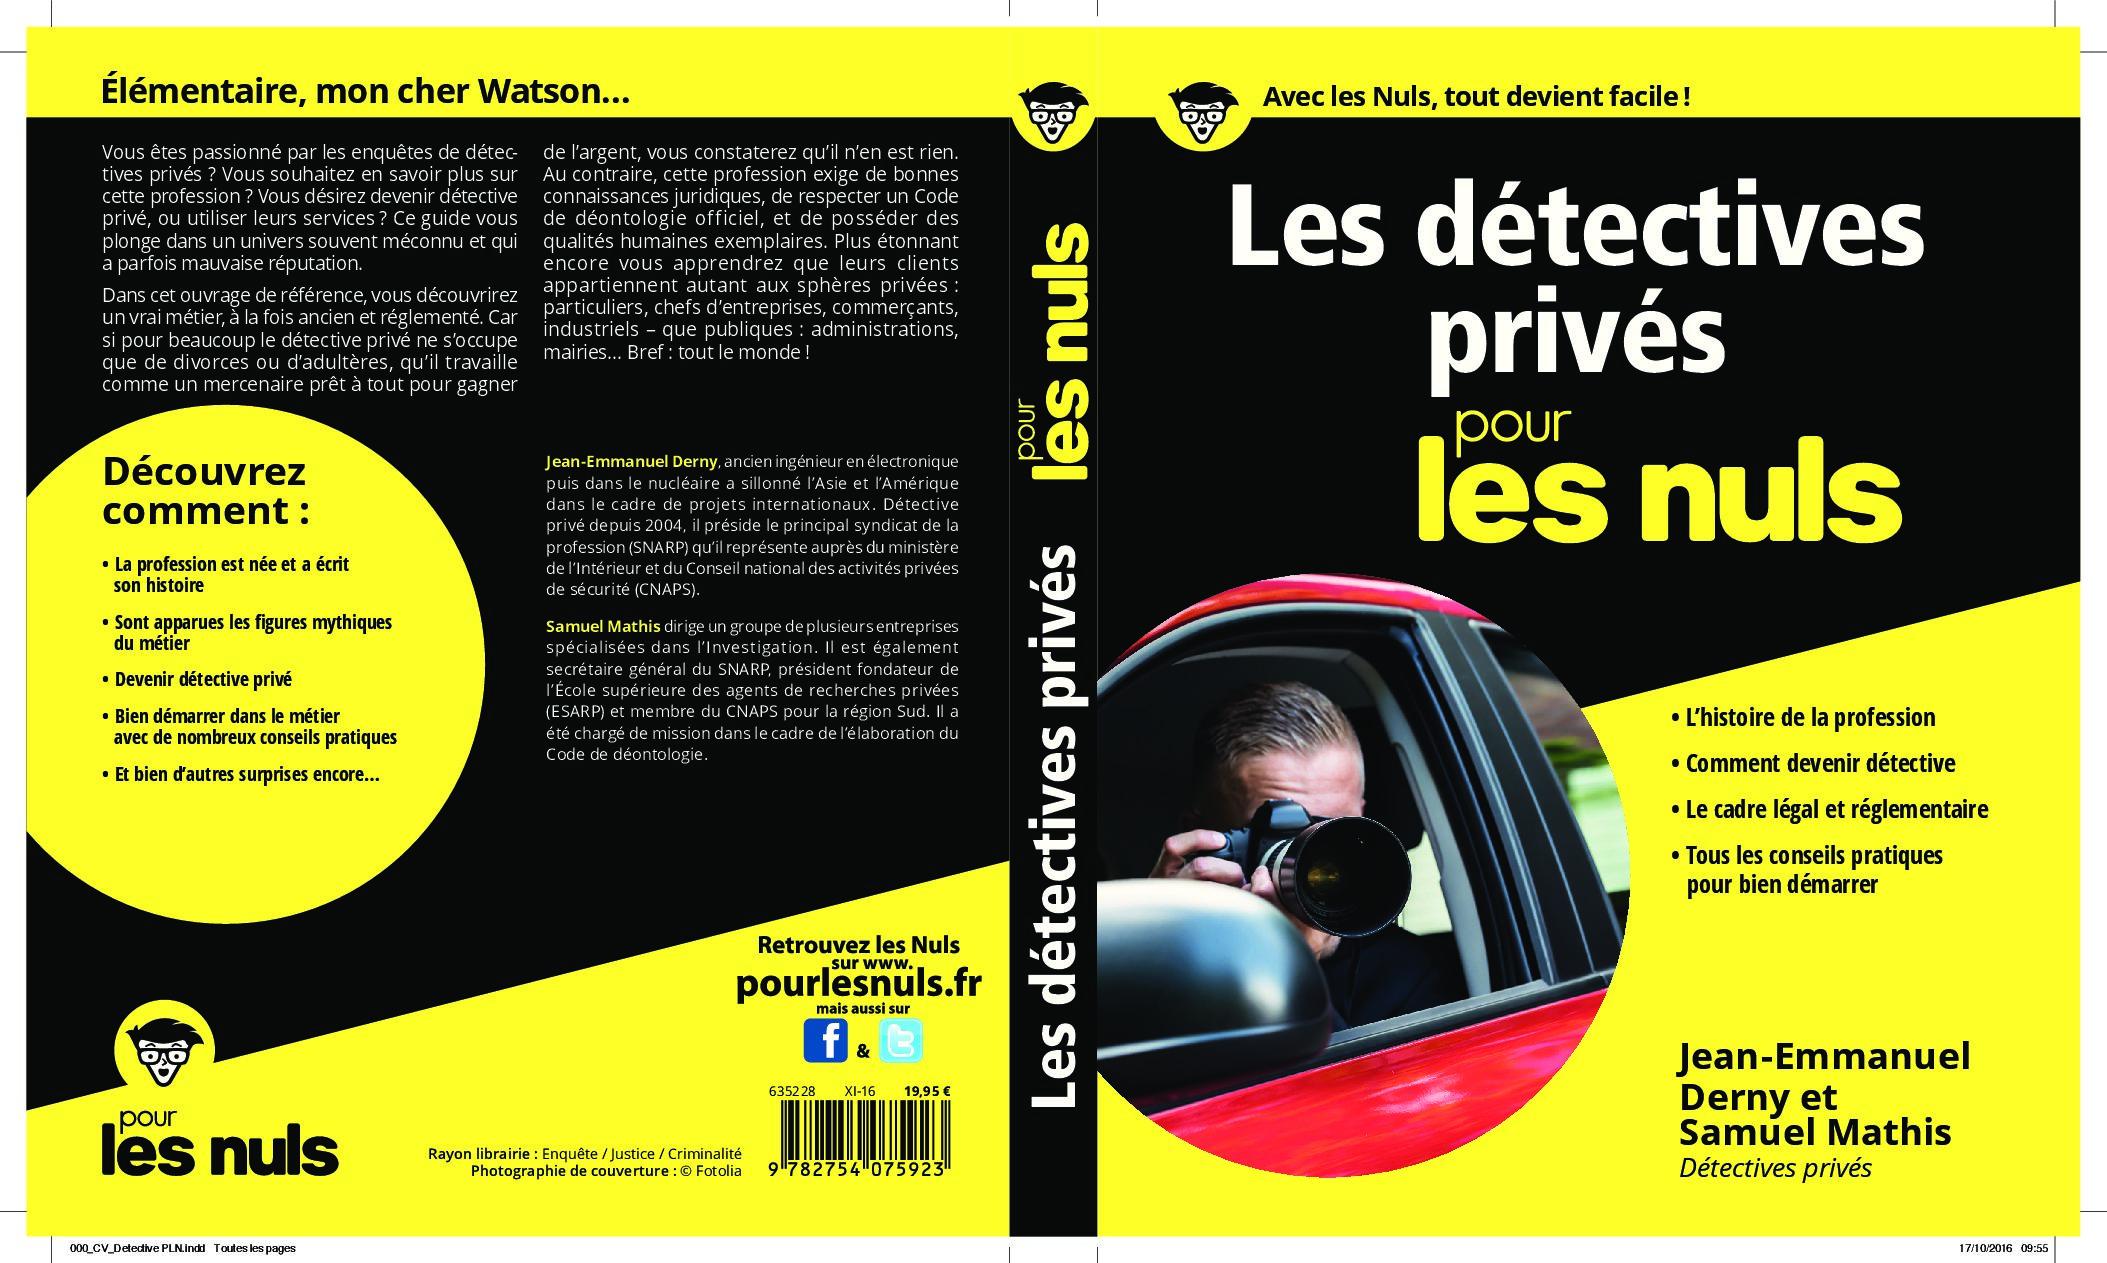 «Elémentaire mon cher Watson» : Les détectives privés pour les nuls